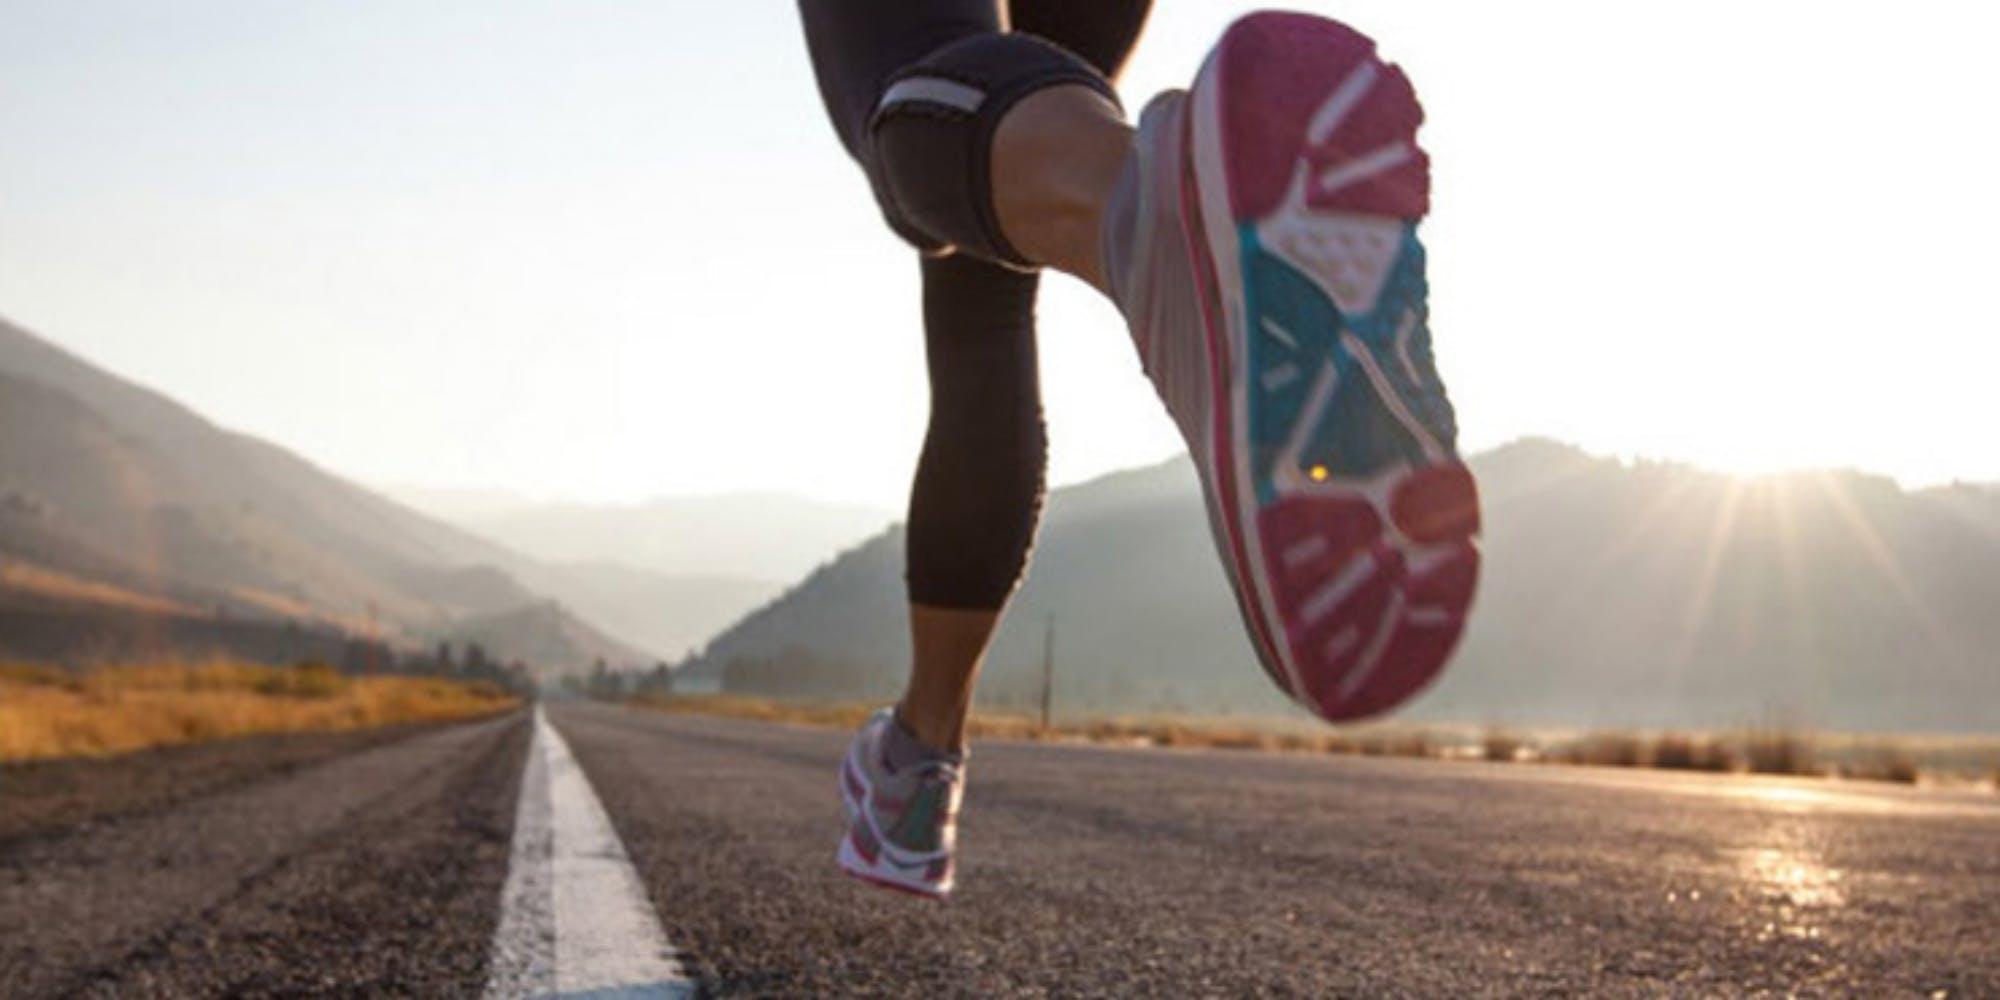 Ο απόλυτος οδηγός για ένα από τα καλύτερα προπονητικά «εργαλεία»: Long Run